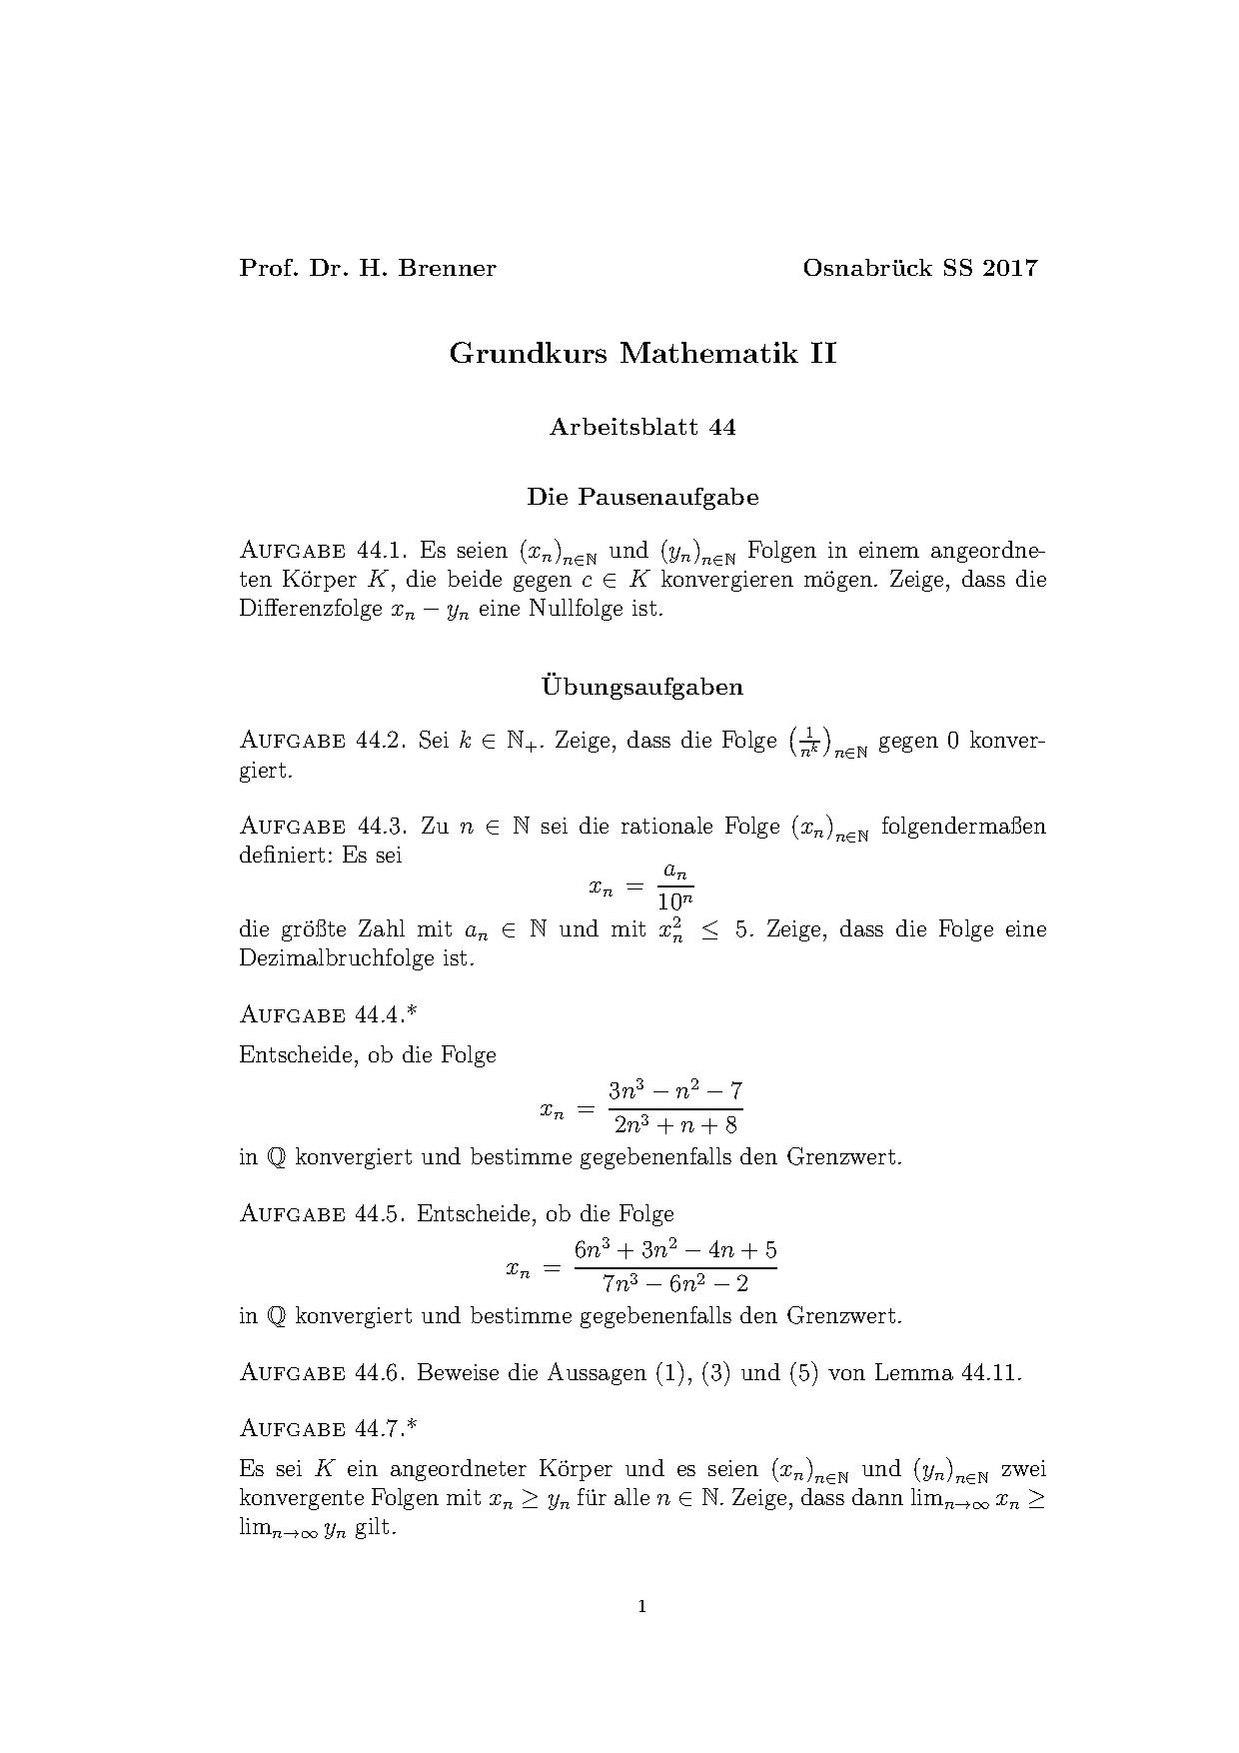 Beste Lange Teilung Grad 4 Arbeitsblatt Zeitgenössisch - Mathe ...